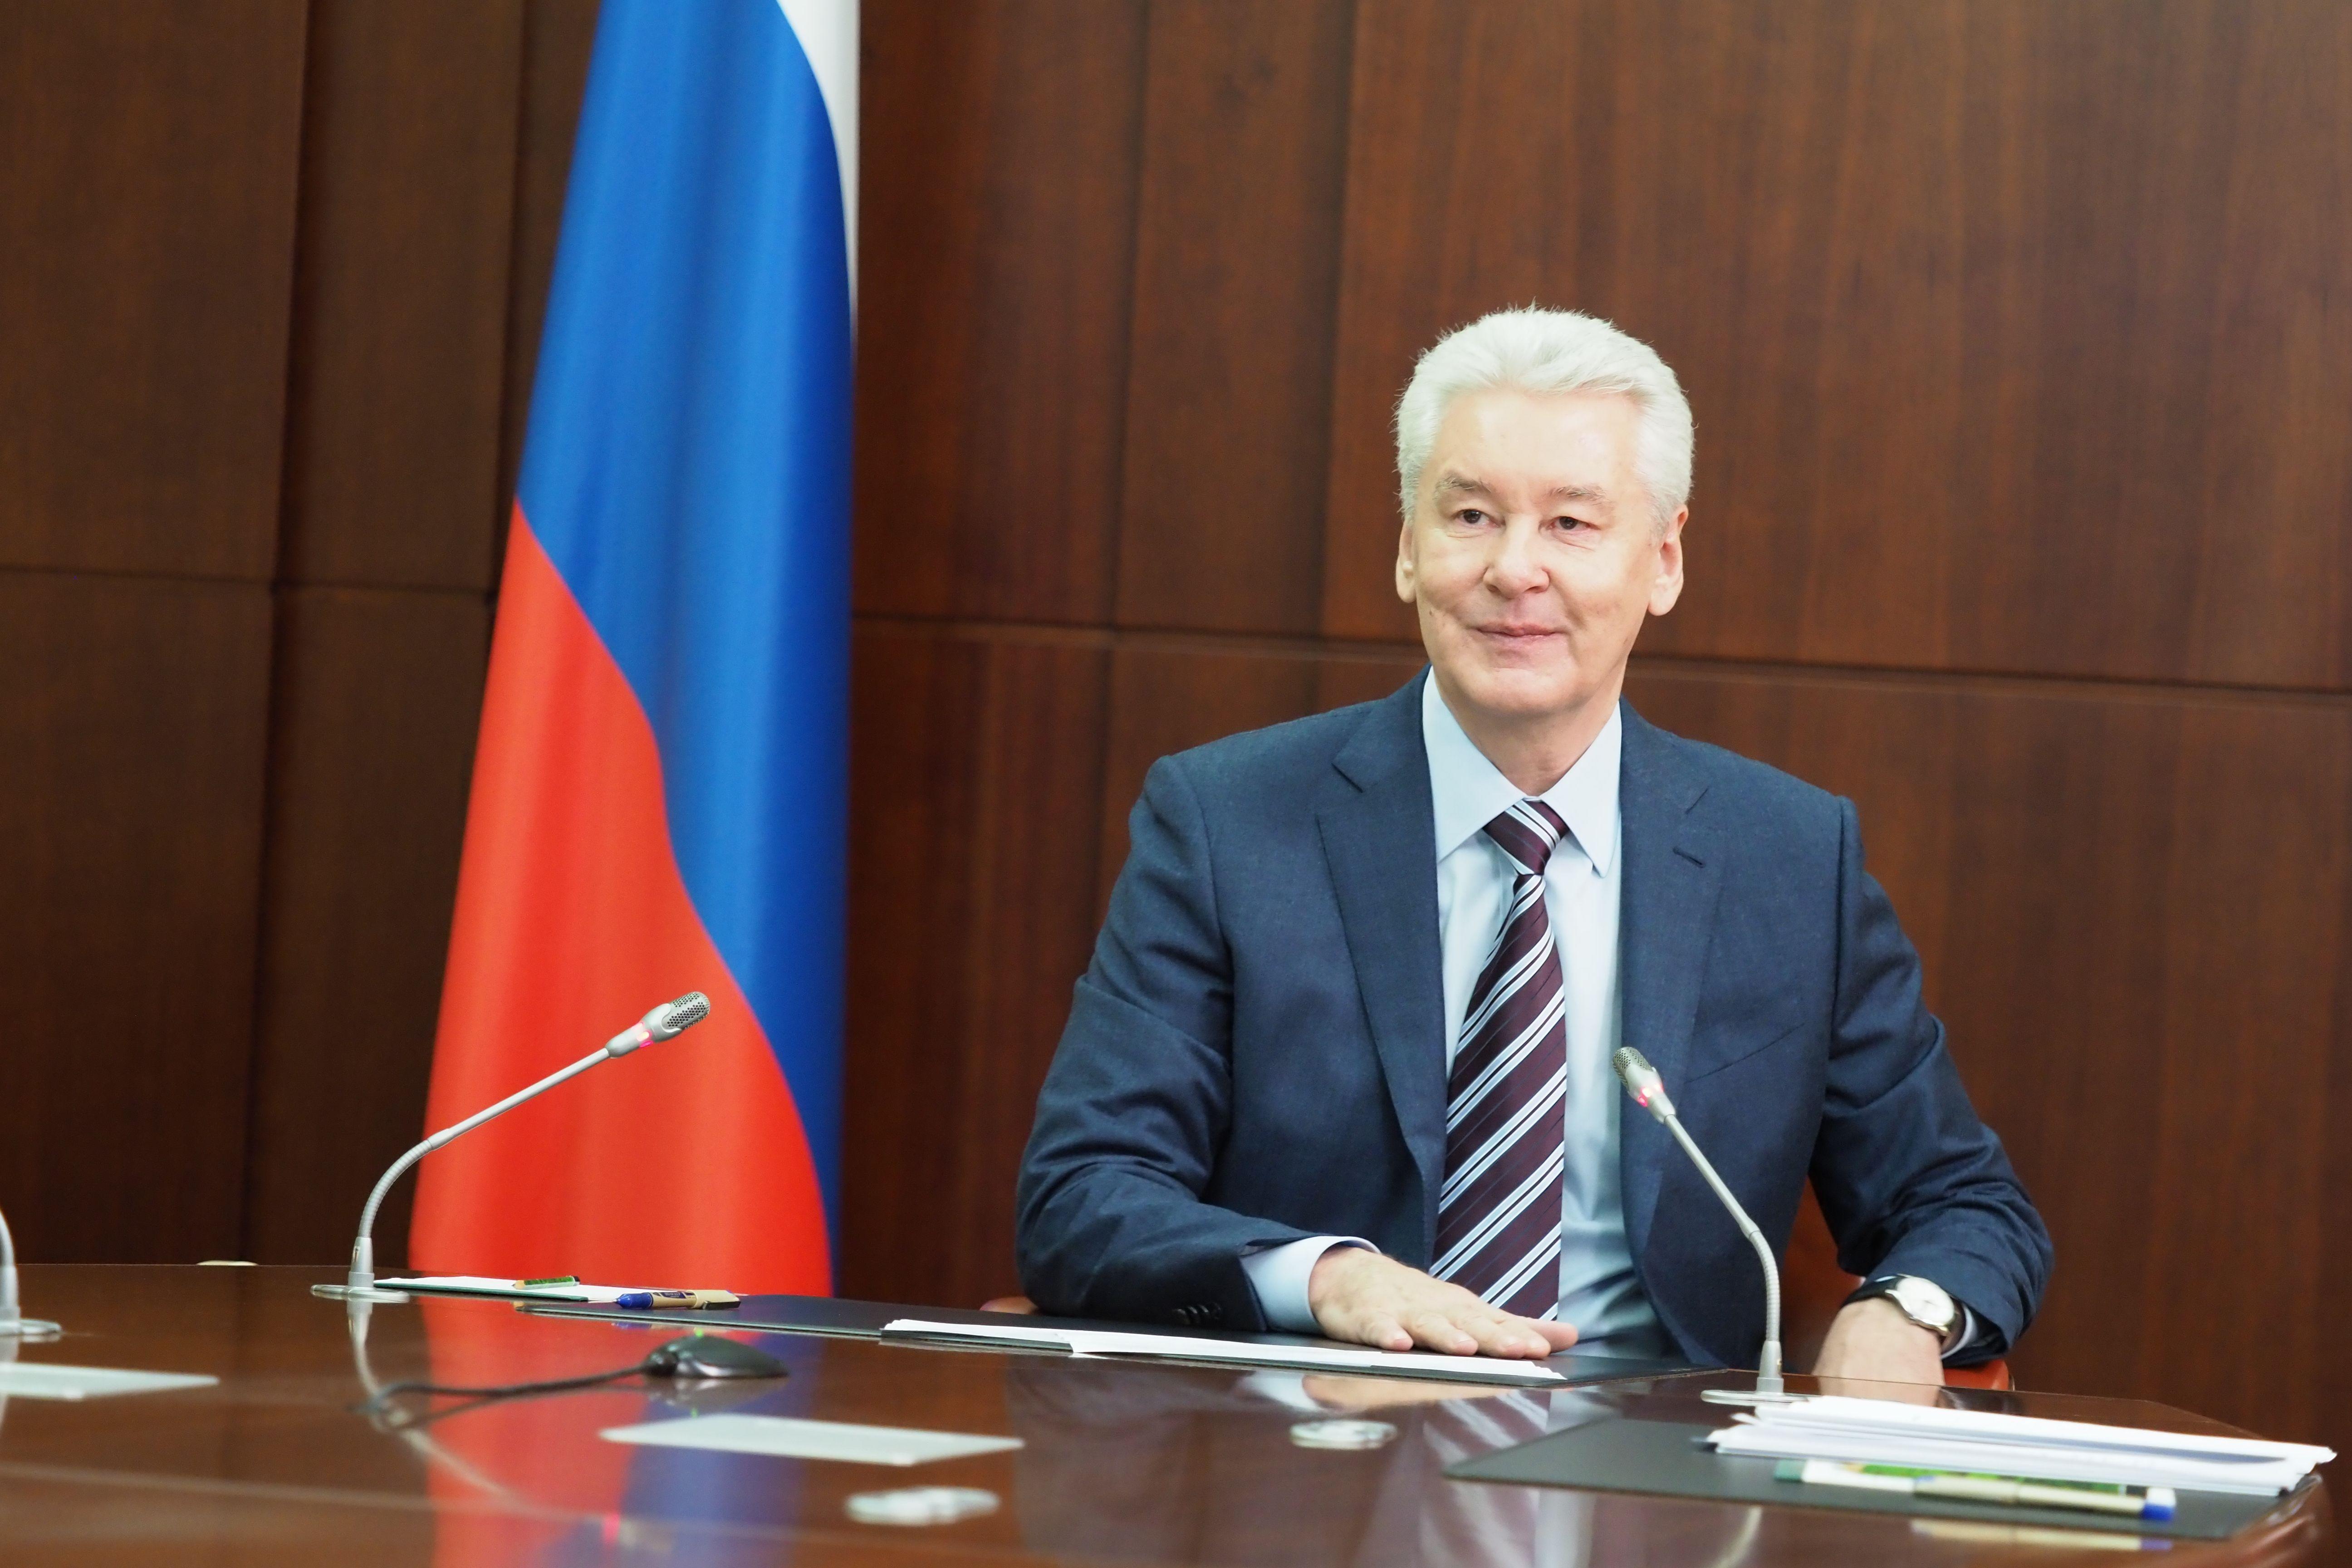 Жительница Новой Москвы попросила Сергея Собянина ускорить строительство культурного центра